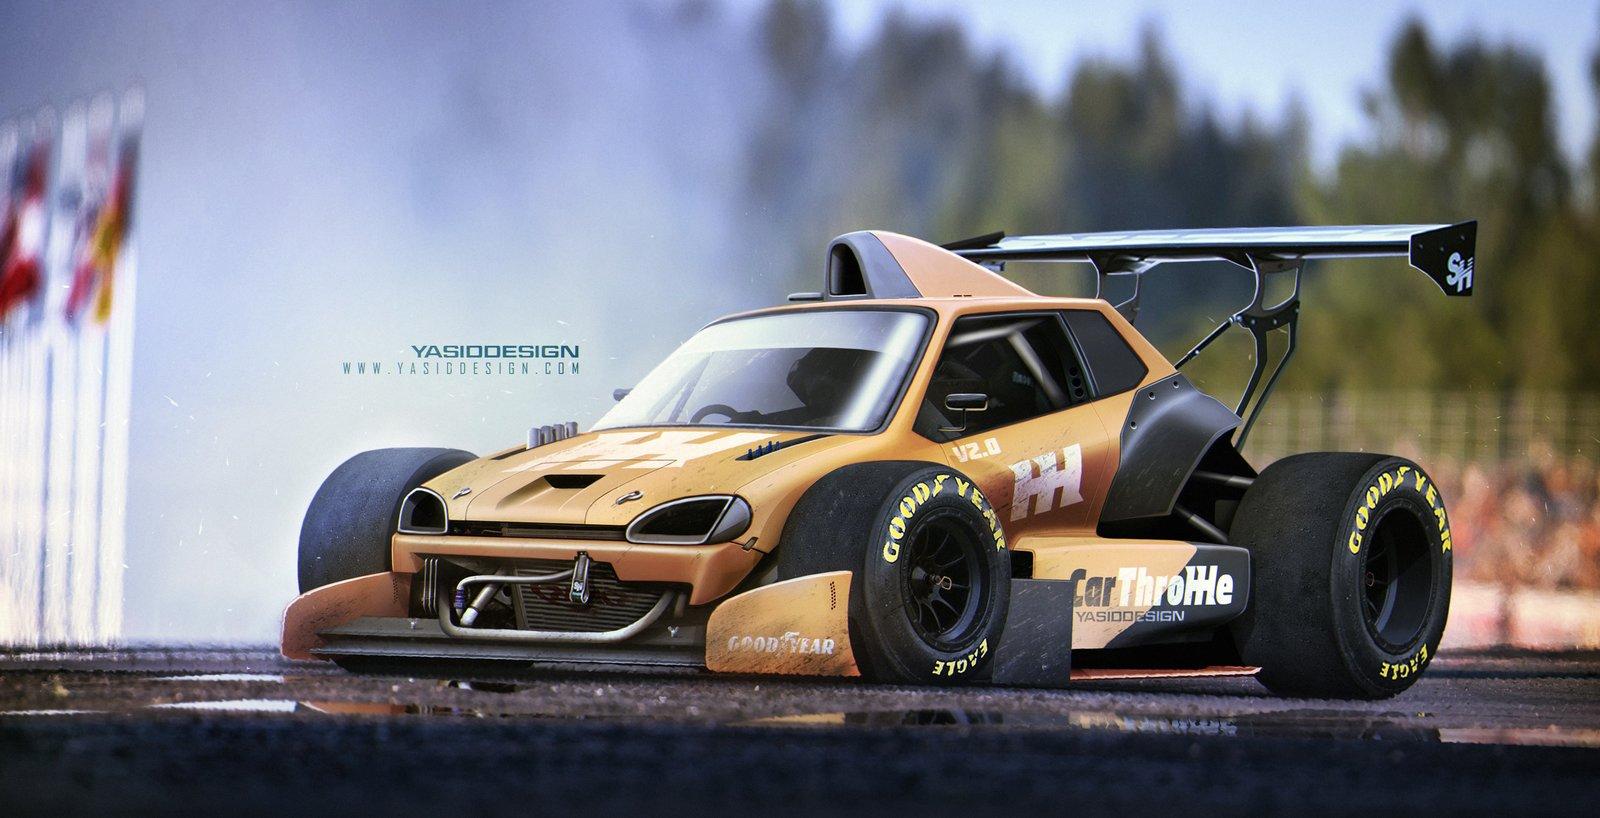 Fiat Siecento F1